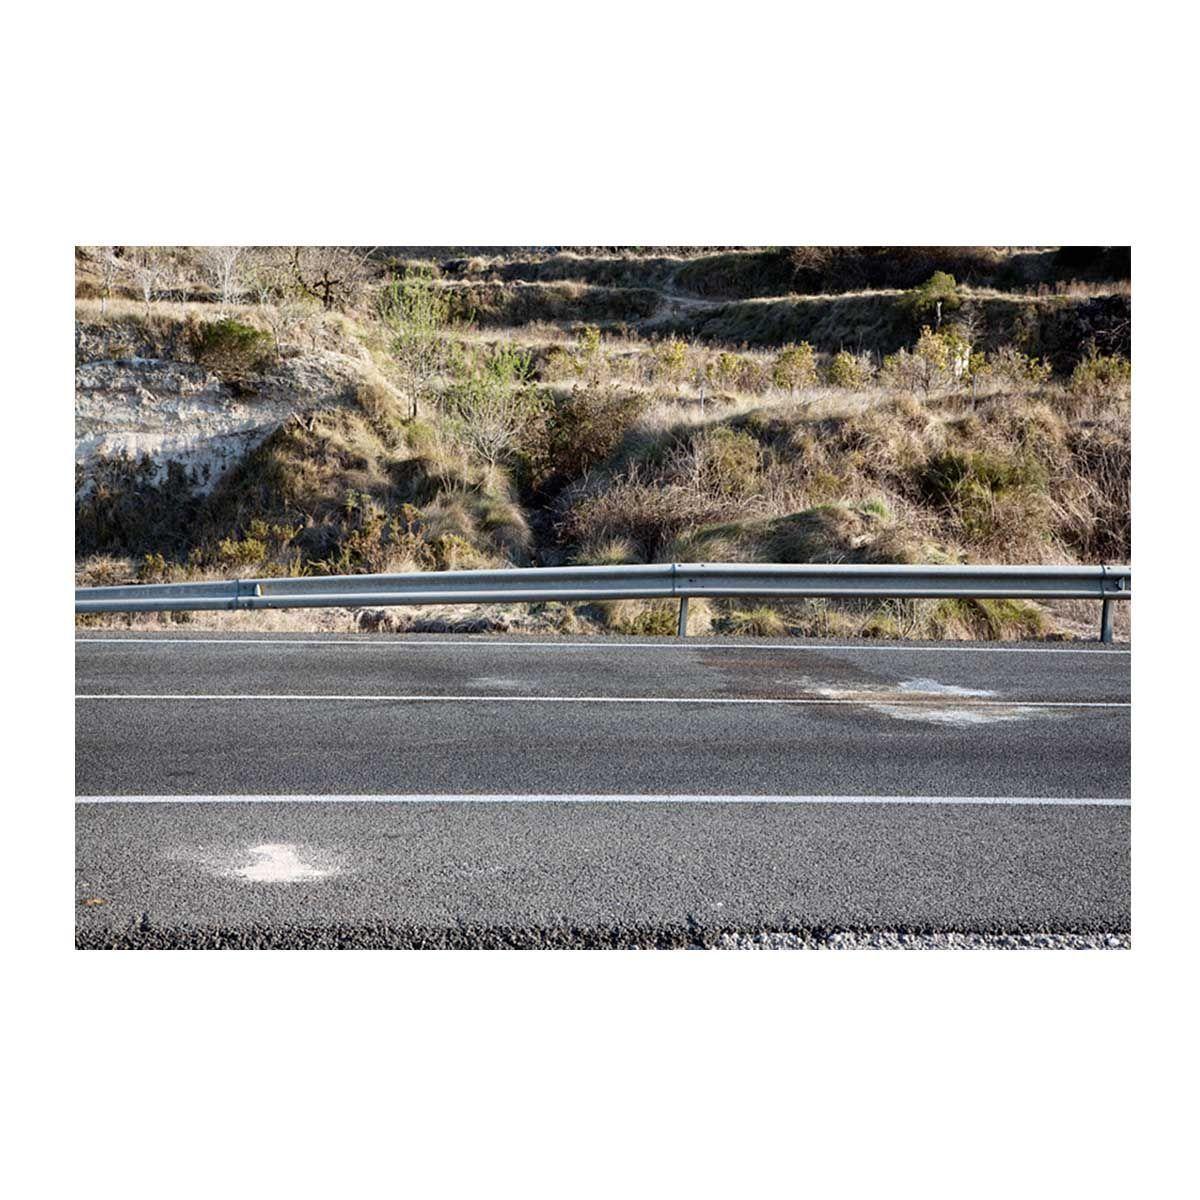 autopsia-pablo-chacon-05